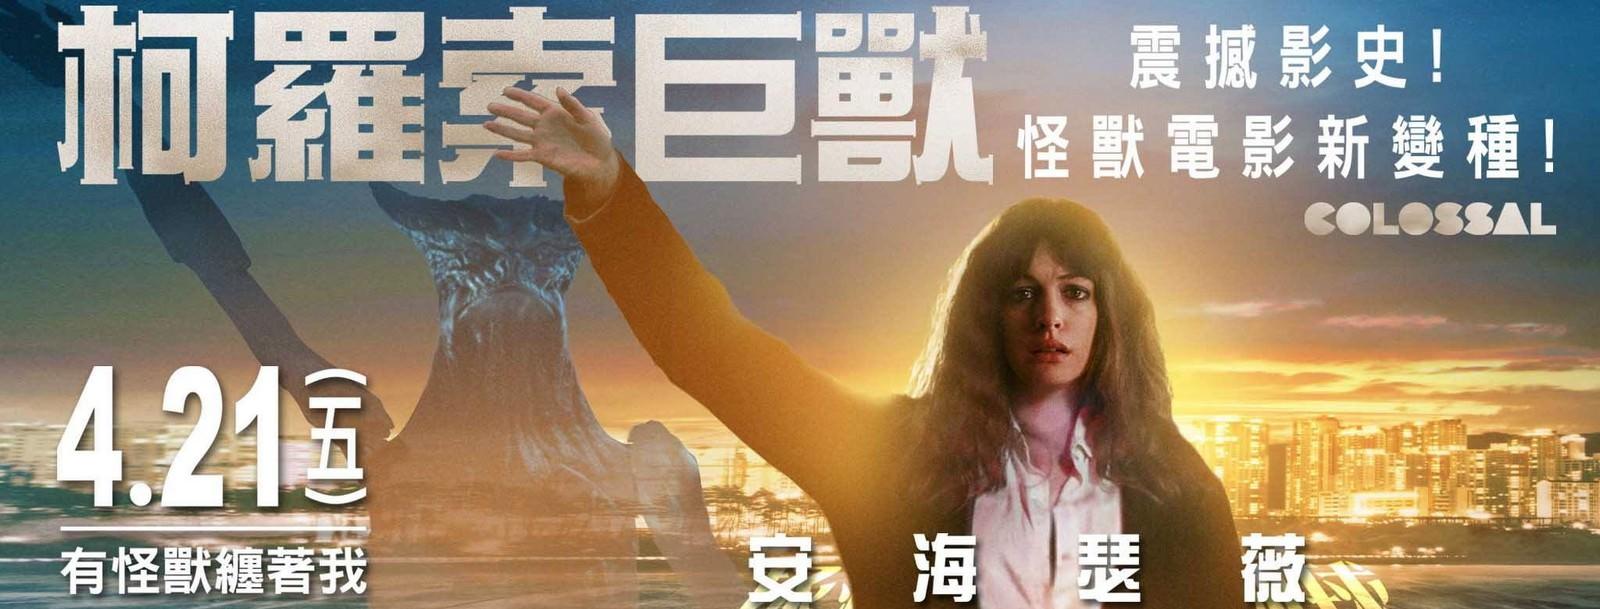 Movie, Colossal(加拿大, 2016年) / 柯羅索巨獸(台灣) / 克罗索巨兽(中國) / 美女變怪獸(香港), 電影海報, 台灣, 橫版(非正式)